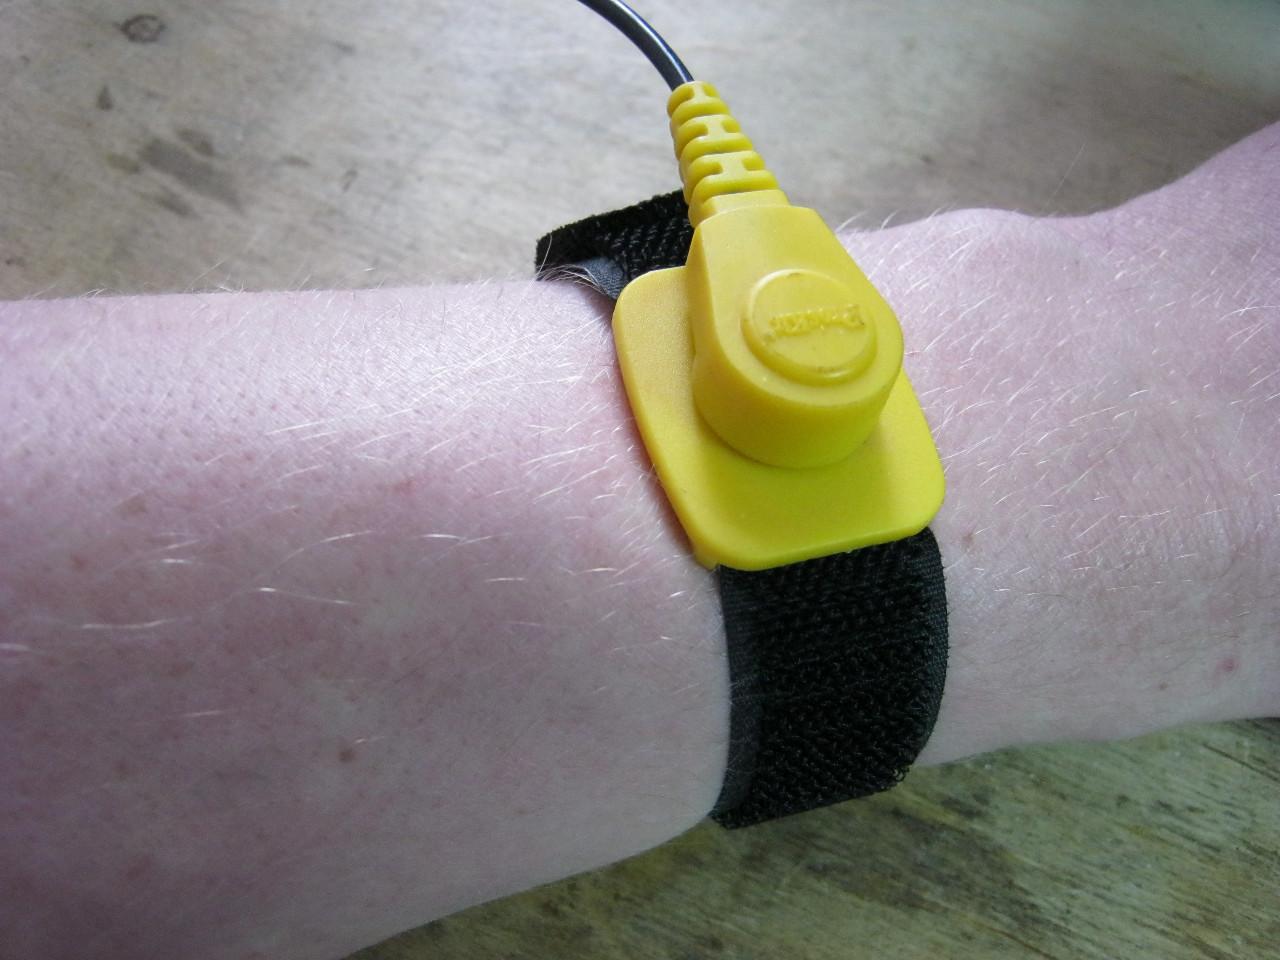 антистатический браслет на руке